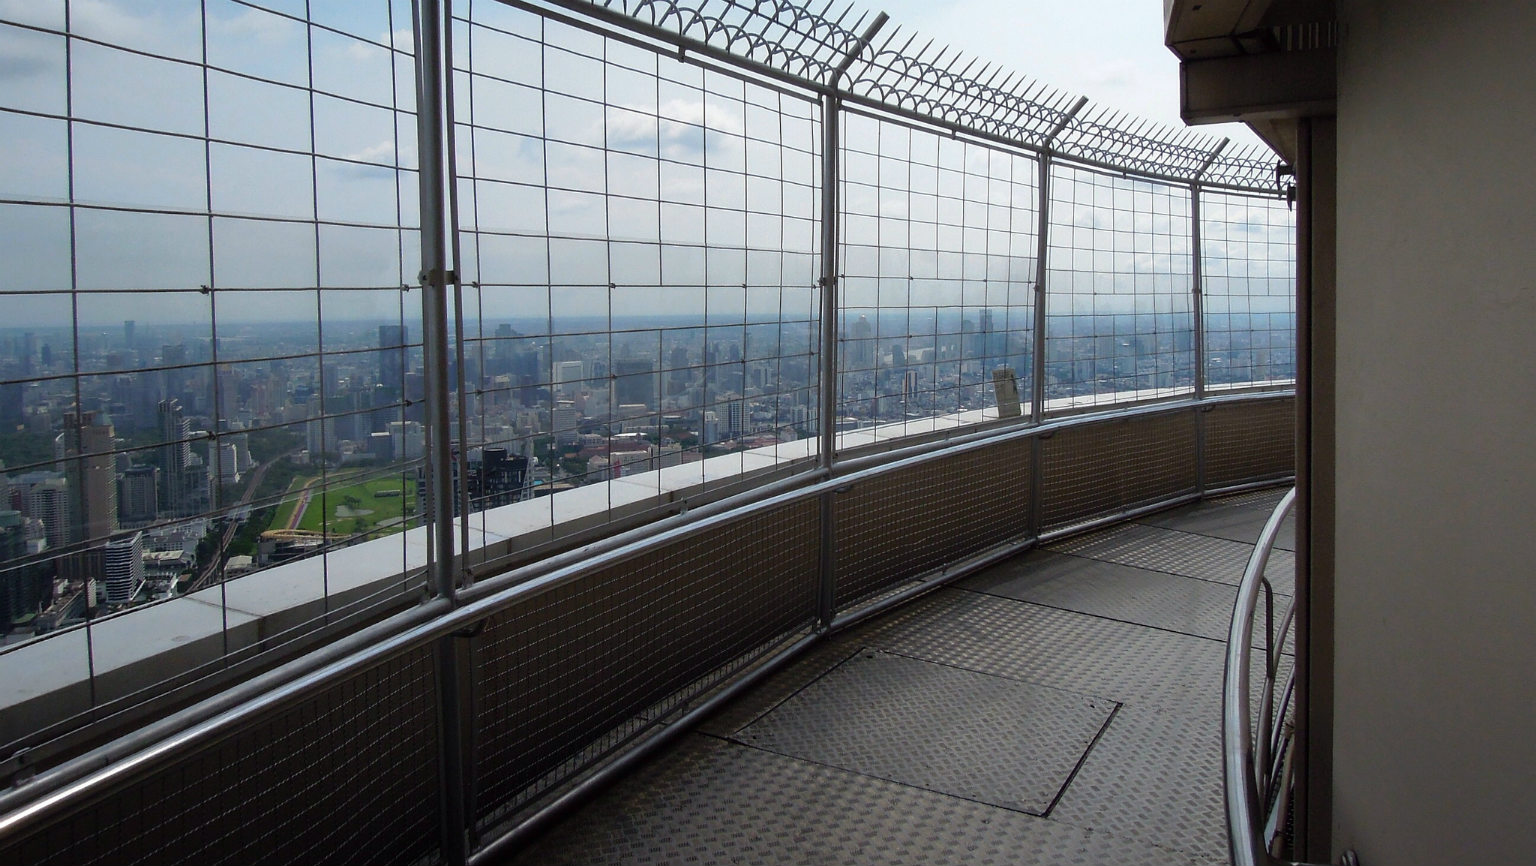 Ronddraaiend platform met tralies met uitzicht over Bangkok,